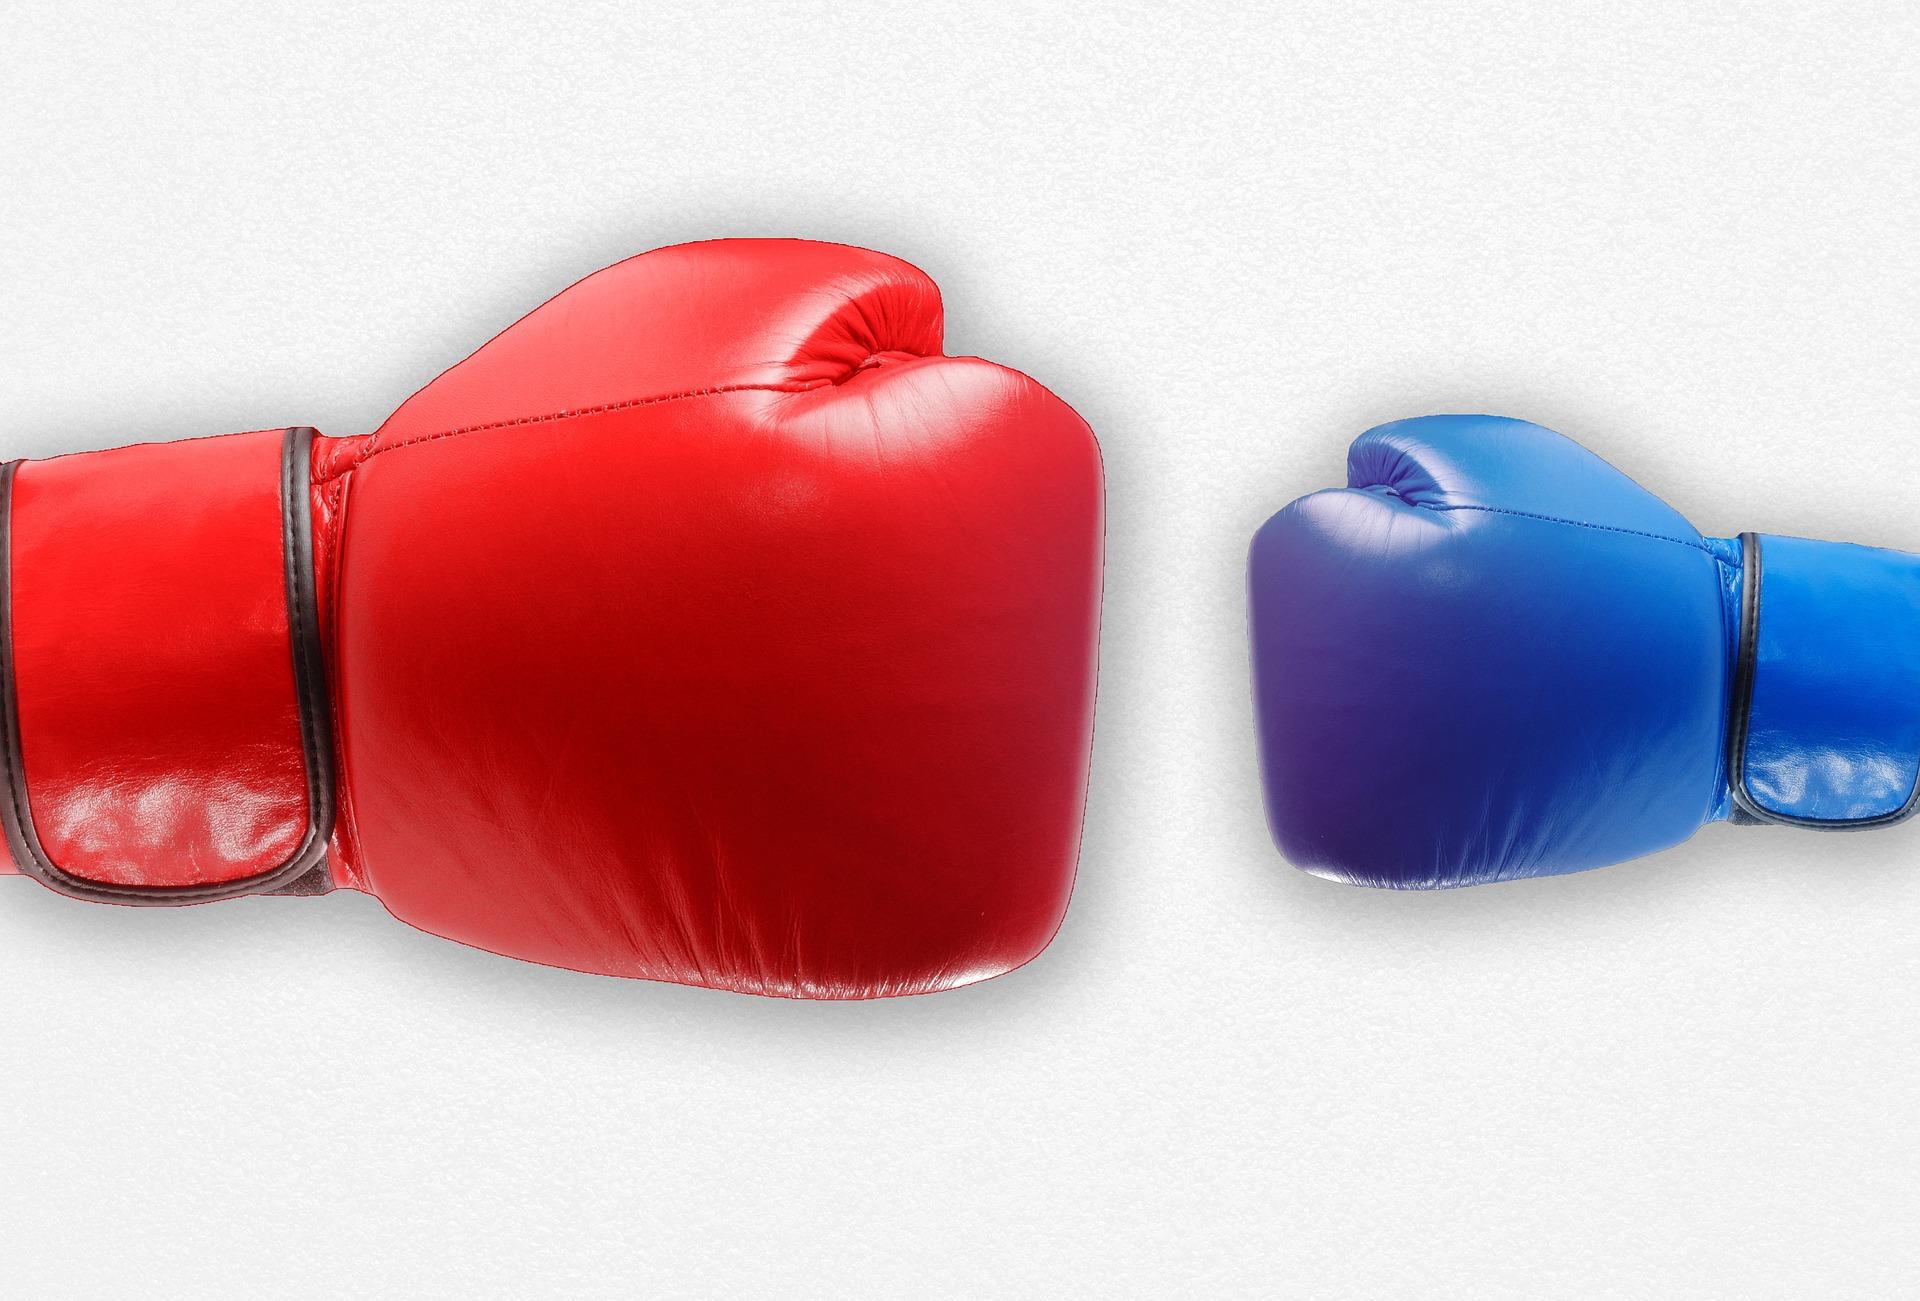 Boxhandschuhe: Frauen und Männer unterscheiden sich statistisch in der Körpergröße. Für Führungsaufgaben ist das irrelevant.